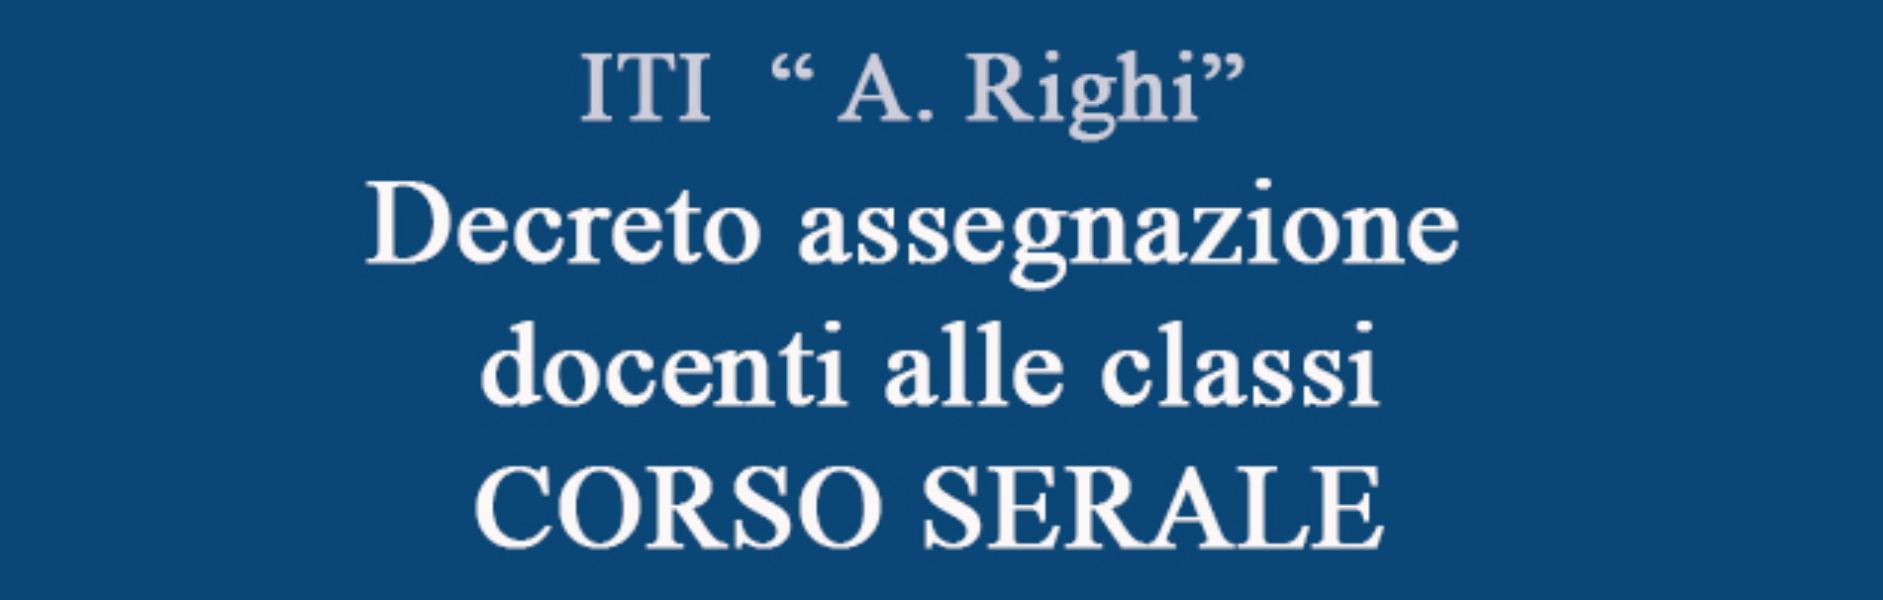 Decreto assegnazione docenti alle classi CORSO ...